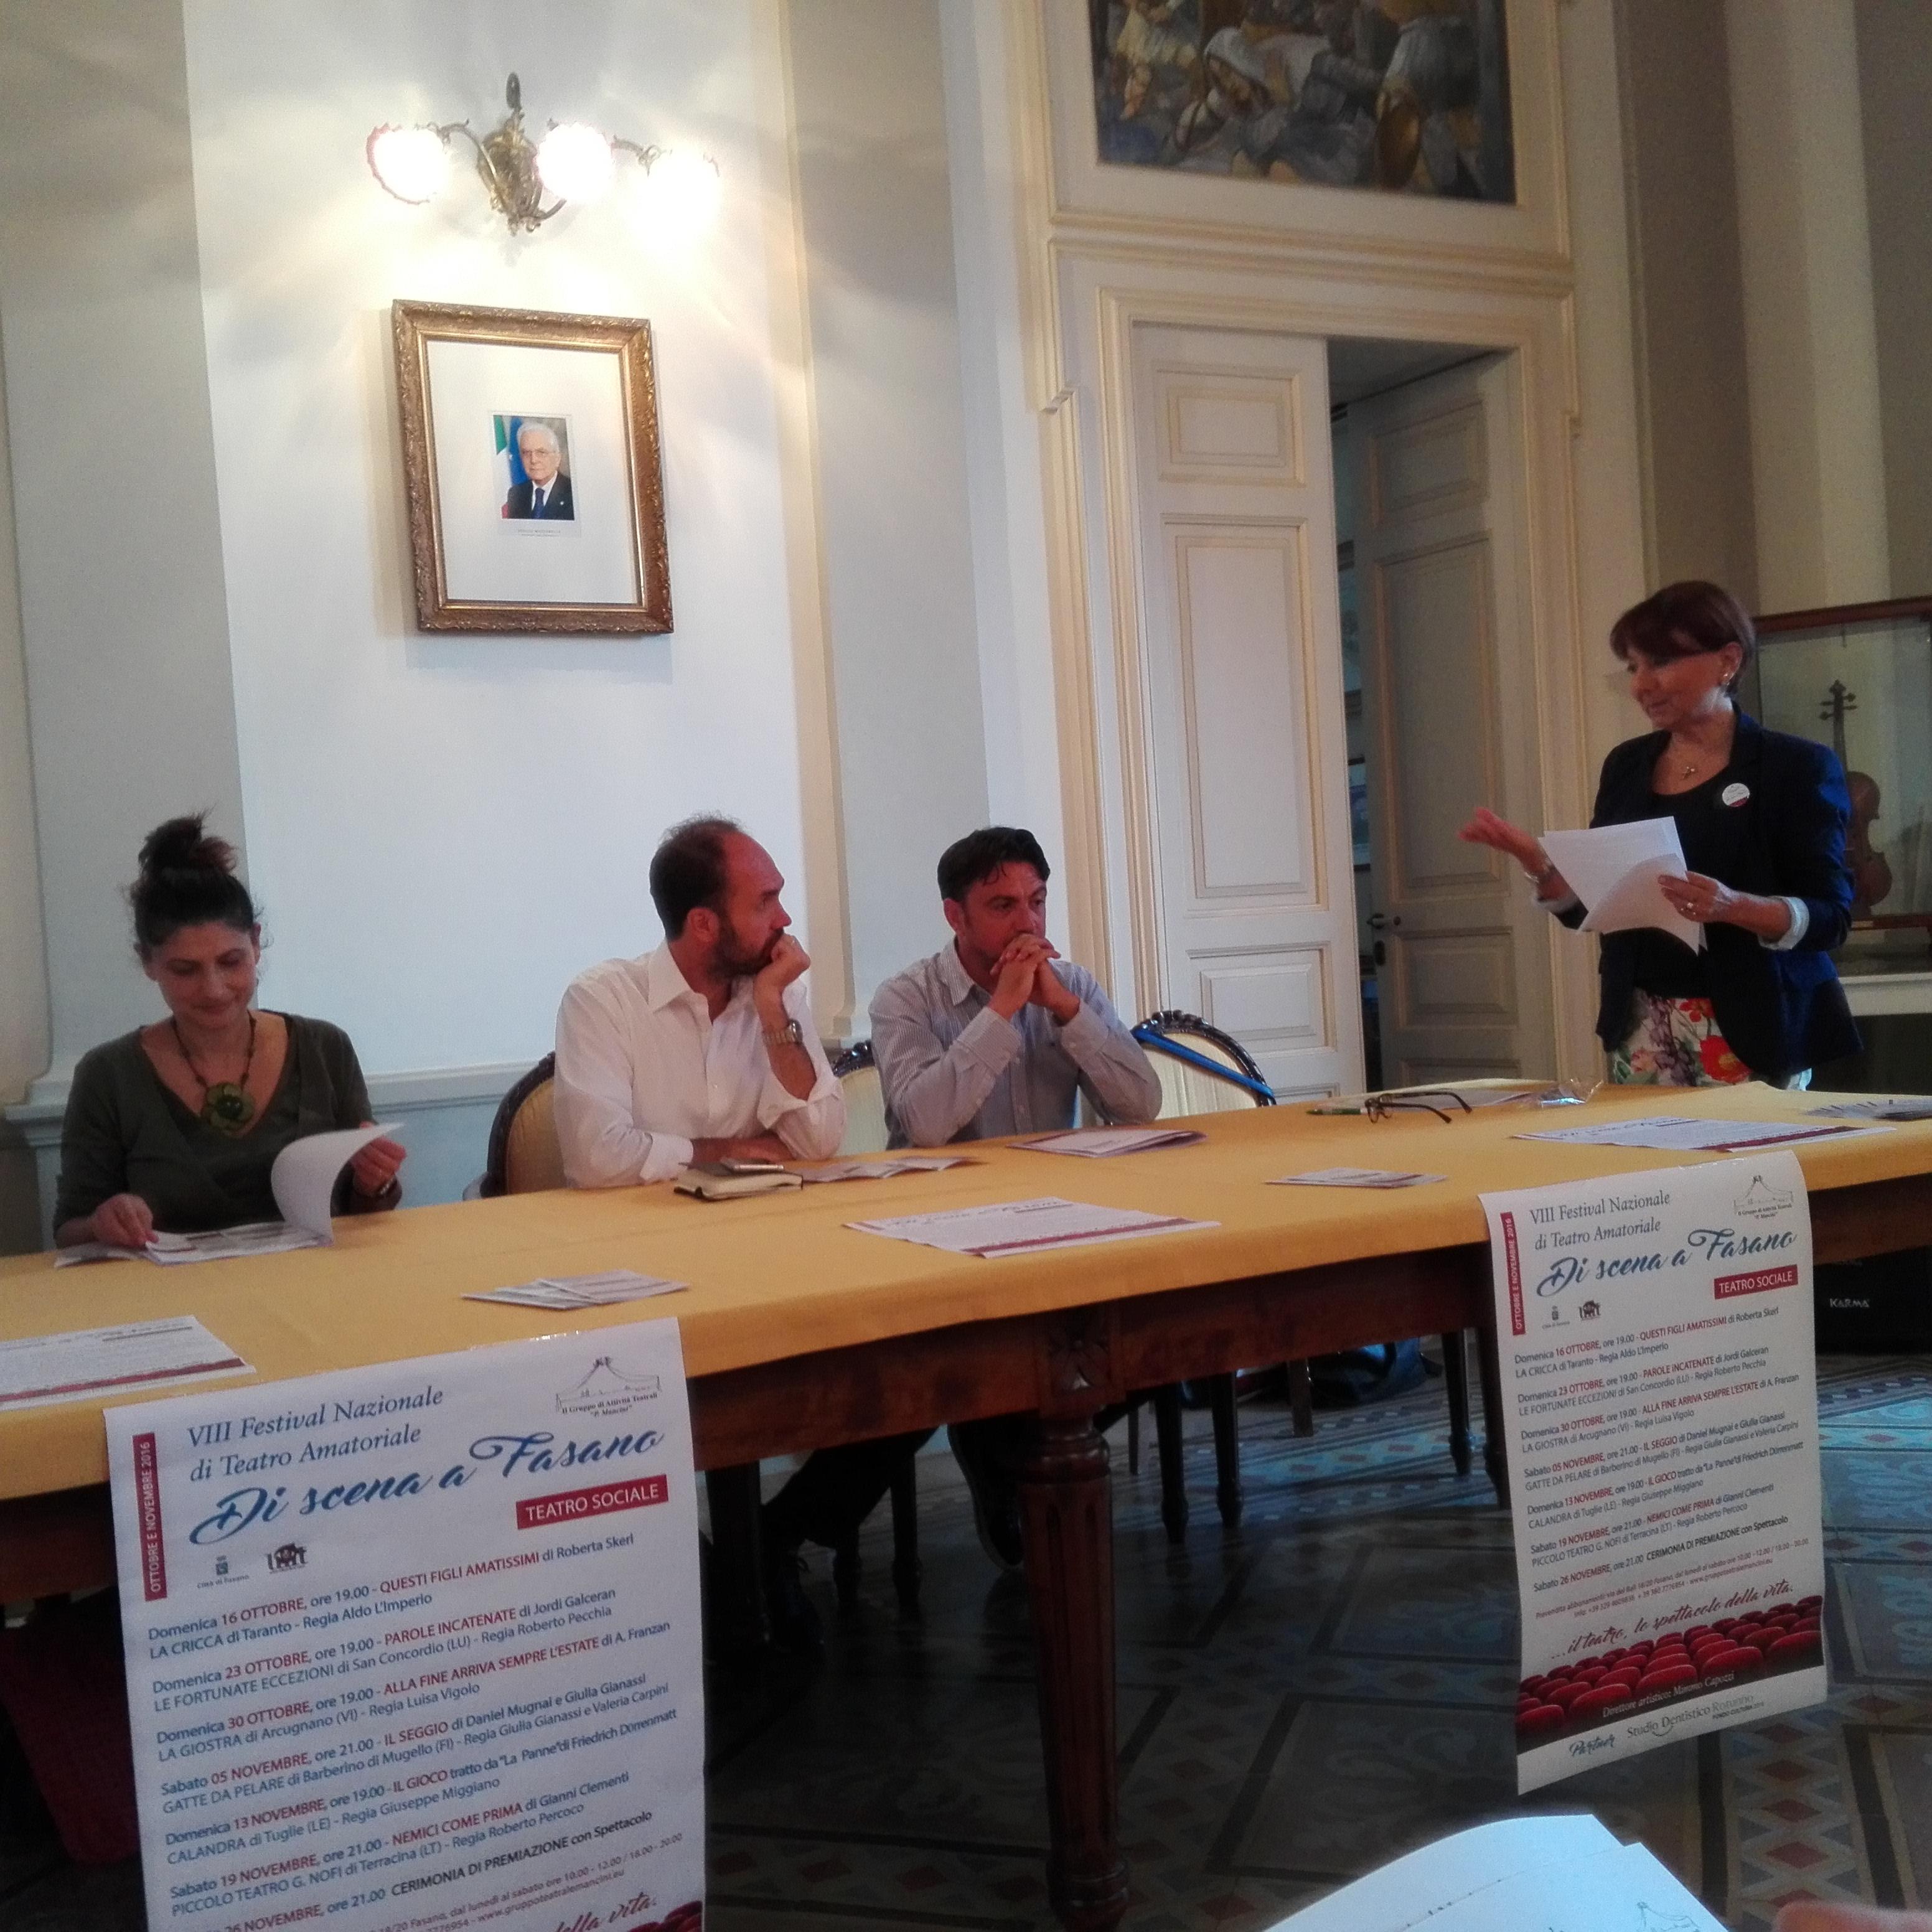 Comune Di Arcugnano Concorsi comune di fasano (br) - presentata l'viii edizione del